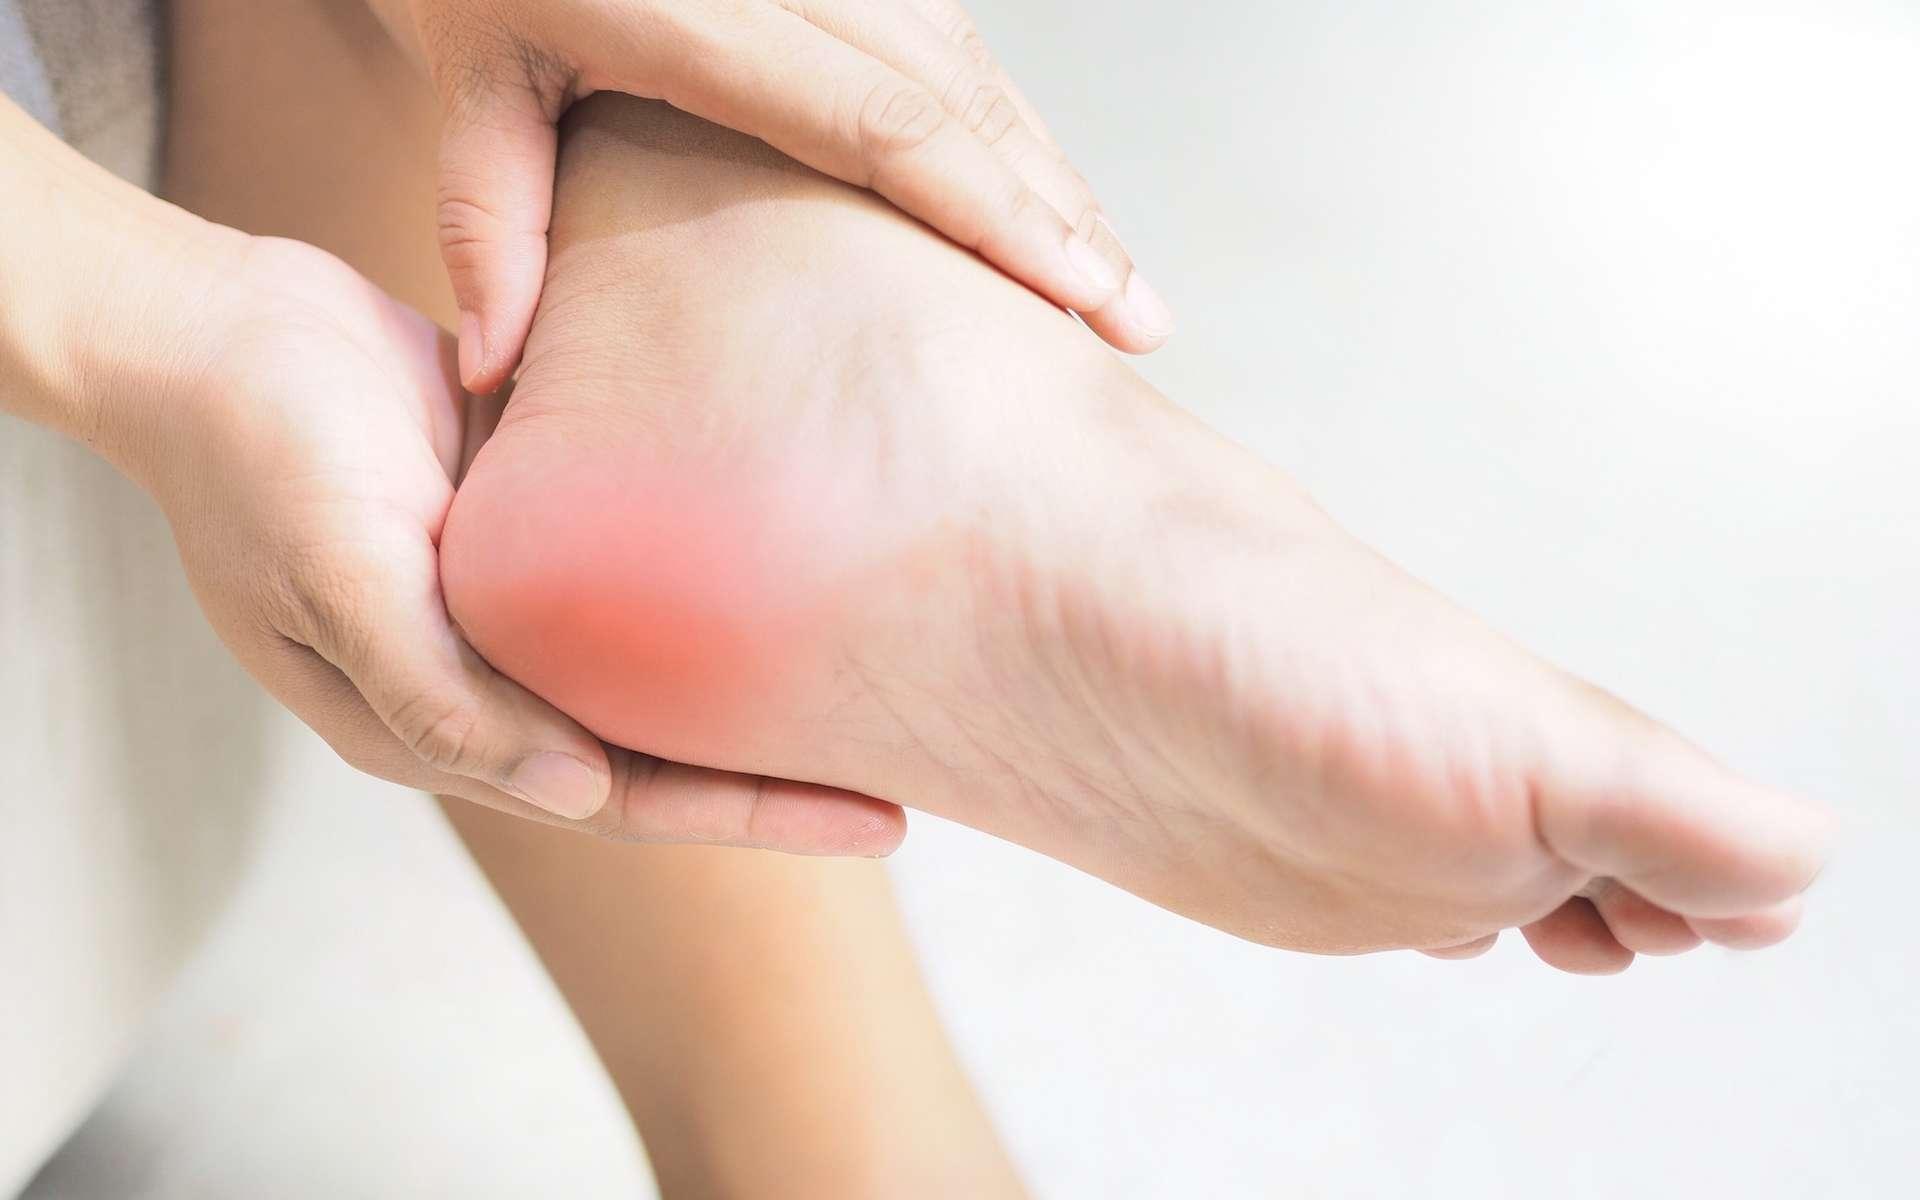 La maladie de Sever est une inflammation du cartilage au niveau de l'insertion du tendon d'Achille. © Tanapat Lek jew, Adobe Stock